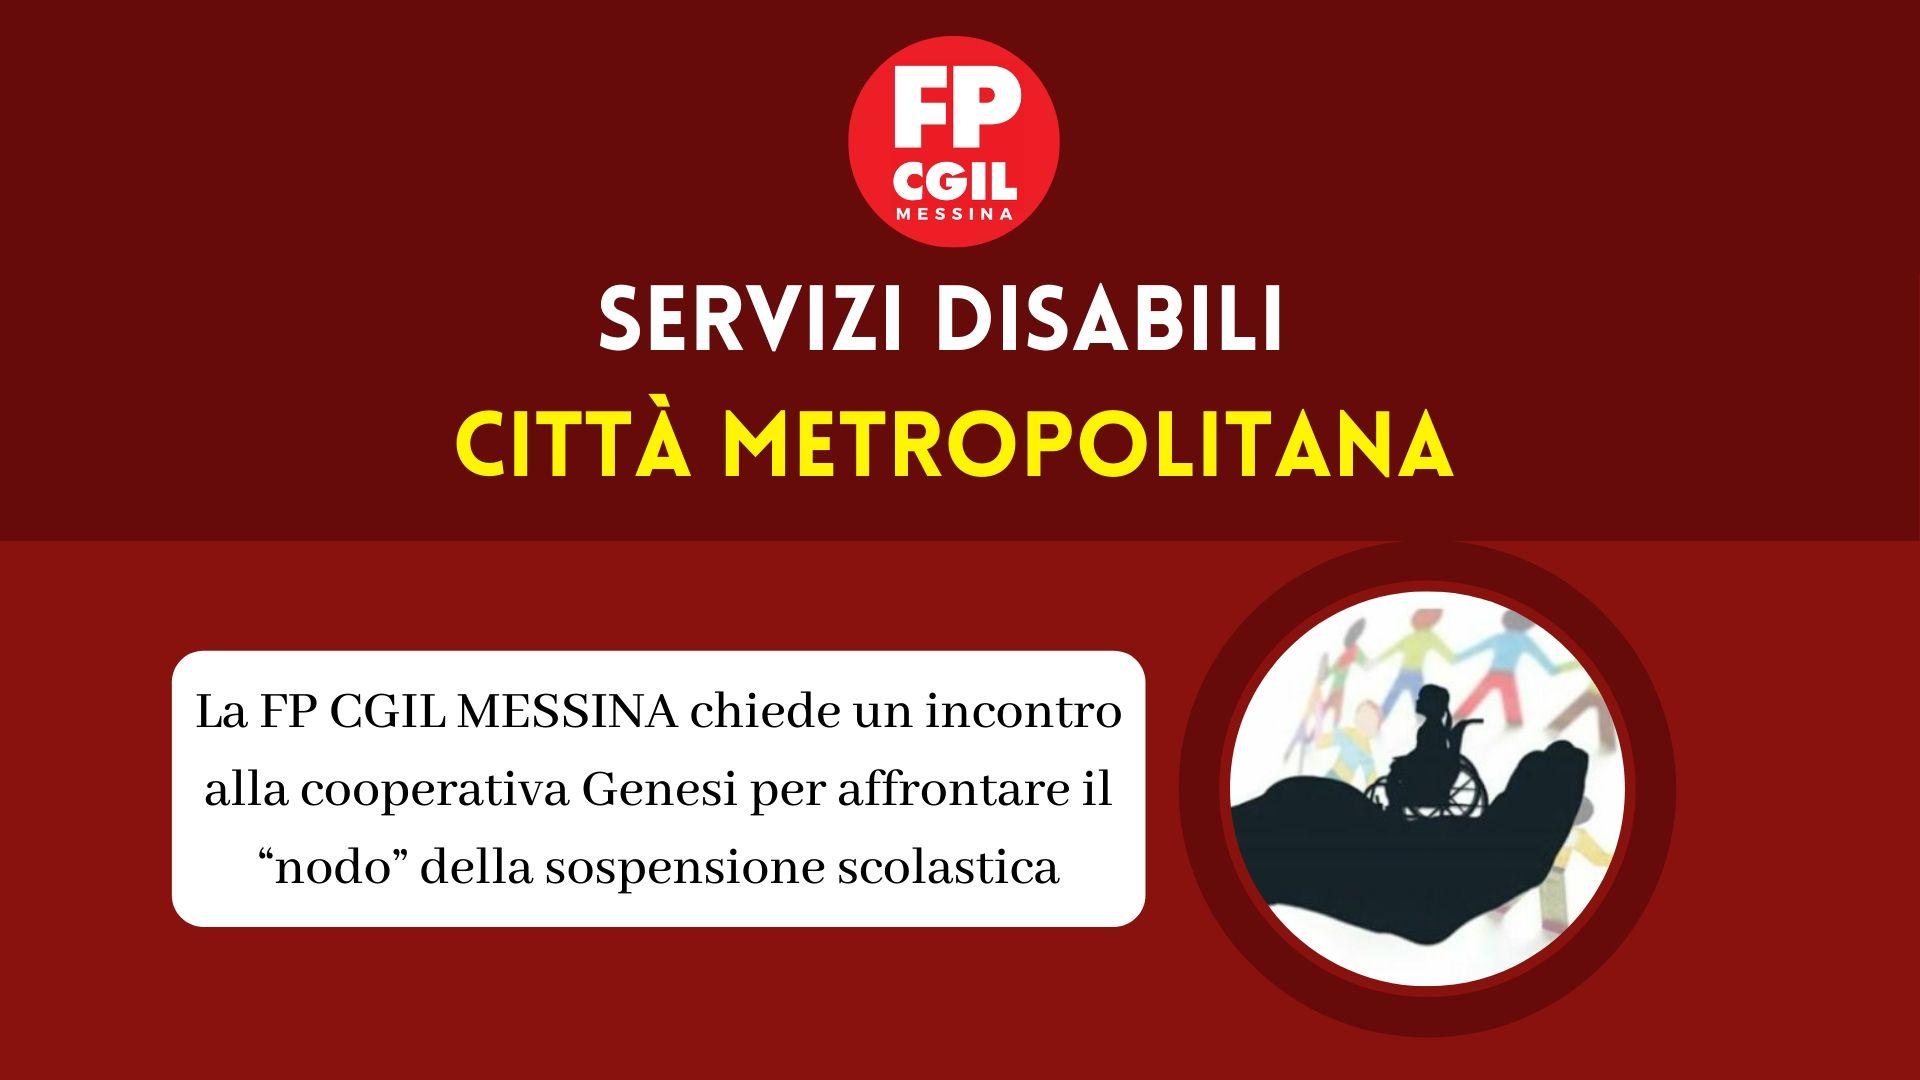 """Servizi disabili Città Metropolitana, la FP CGIL chiede un incontro alla cooperativa Genesi per affrontare il """"nodo"""" della sospensione scolastica"""